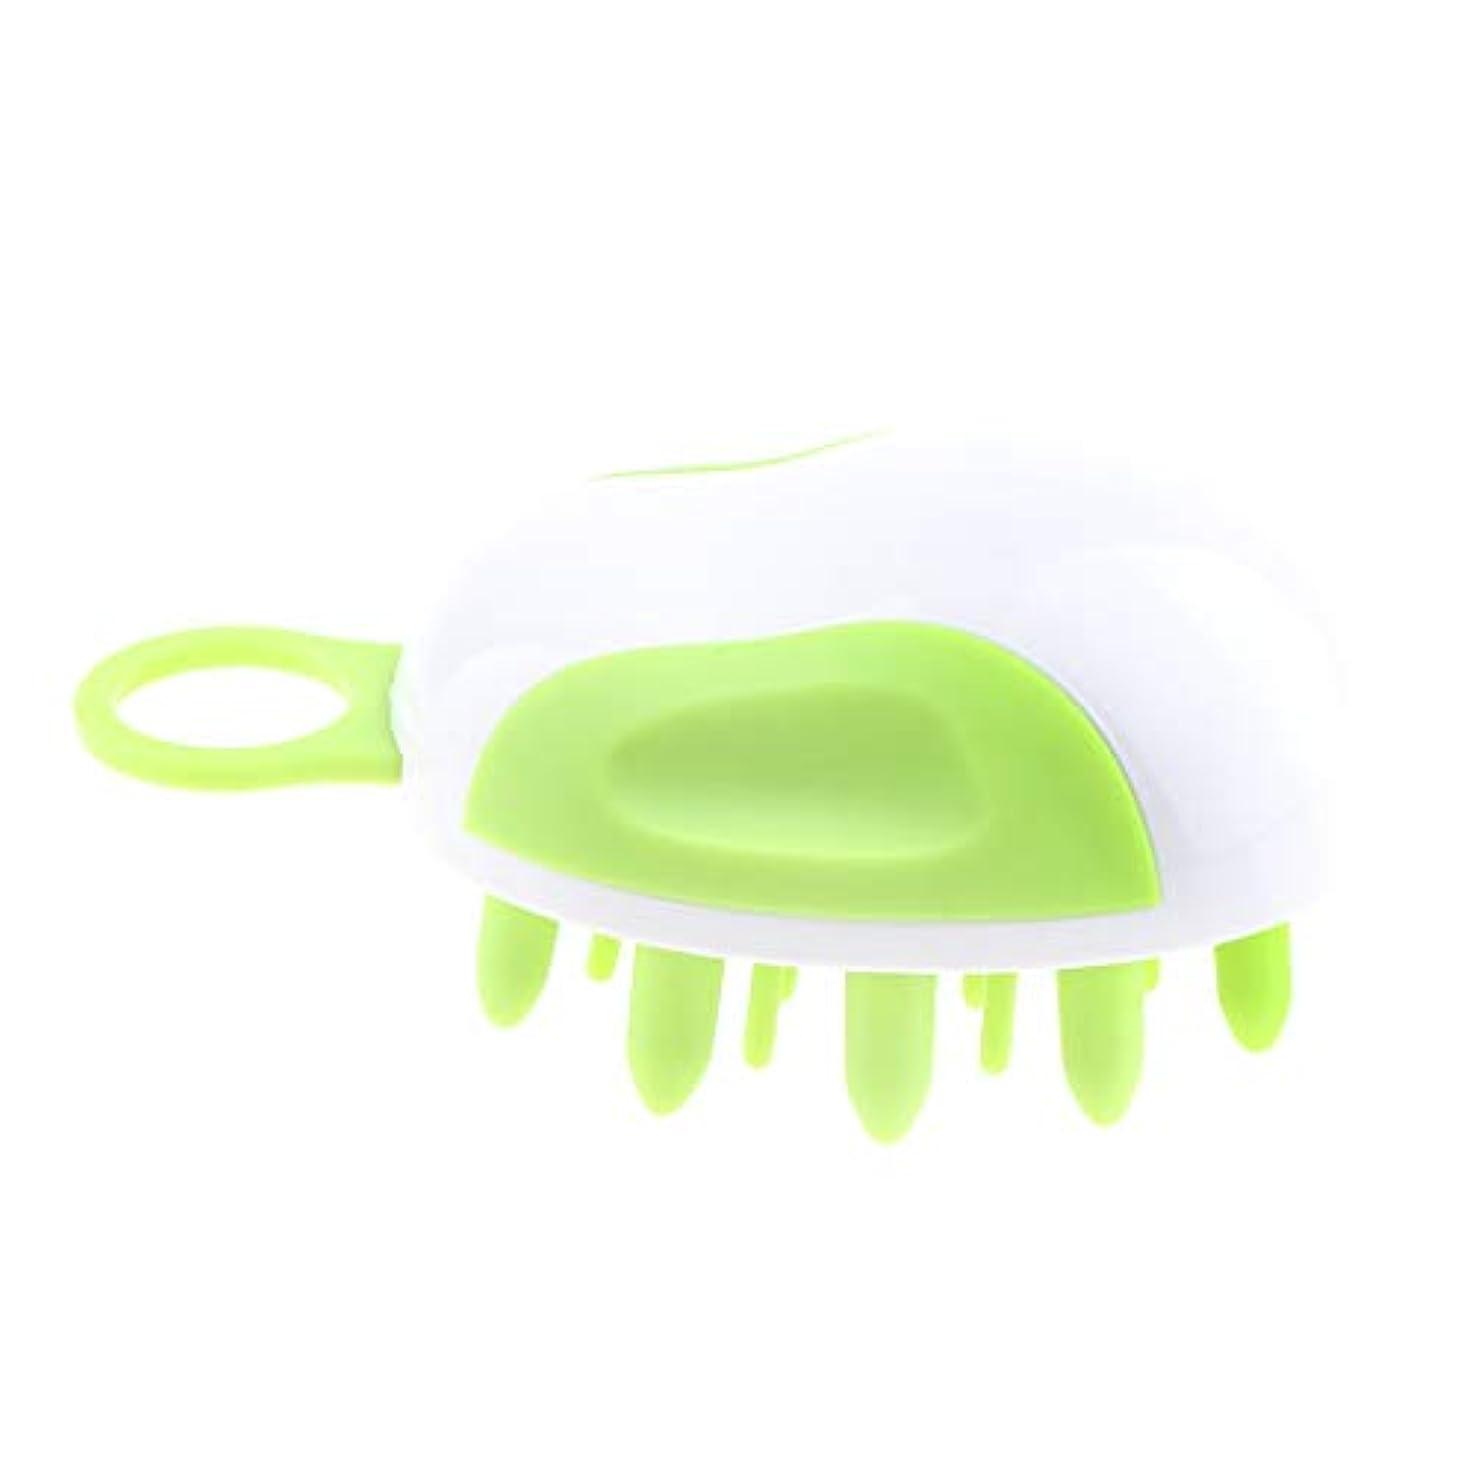 押すバンカーマージシャンプーブラシ 角質除去 ヘアダイコーム ヘアブラシ 頭皮マッサージャー ヘアカラーリング用品 全2カラー - 緑